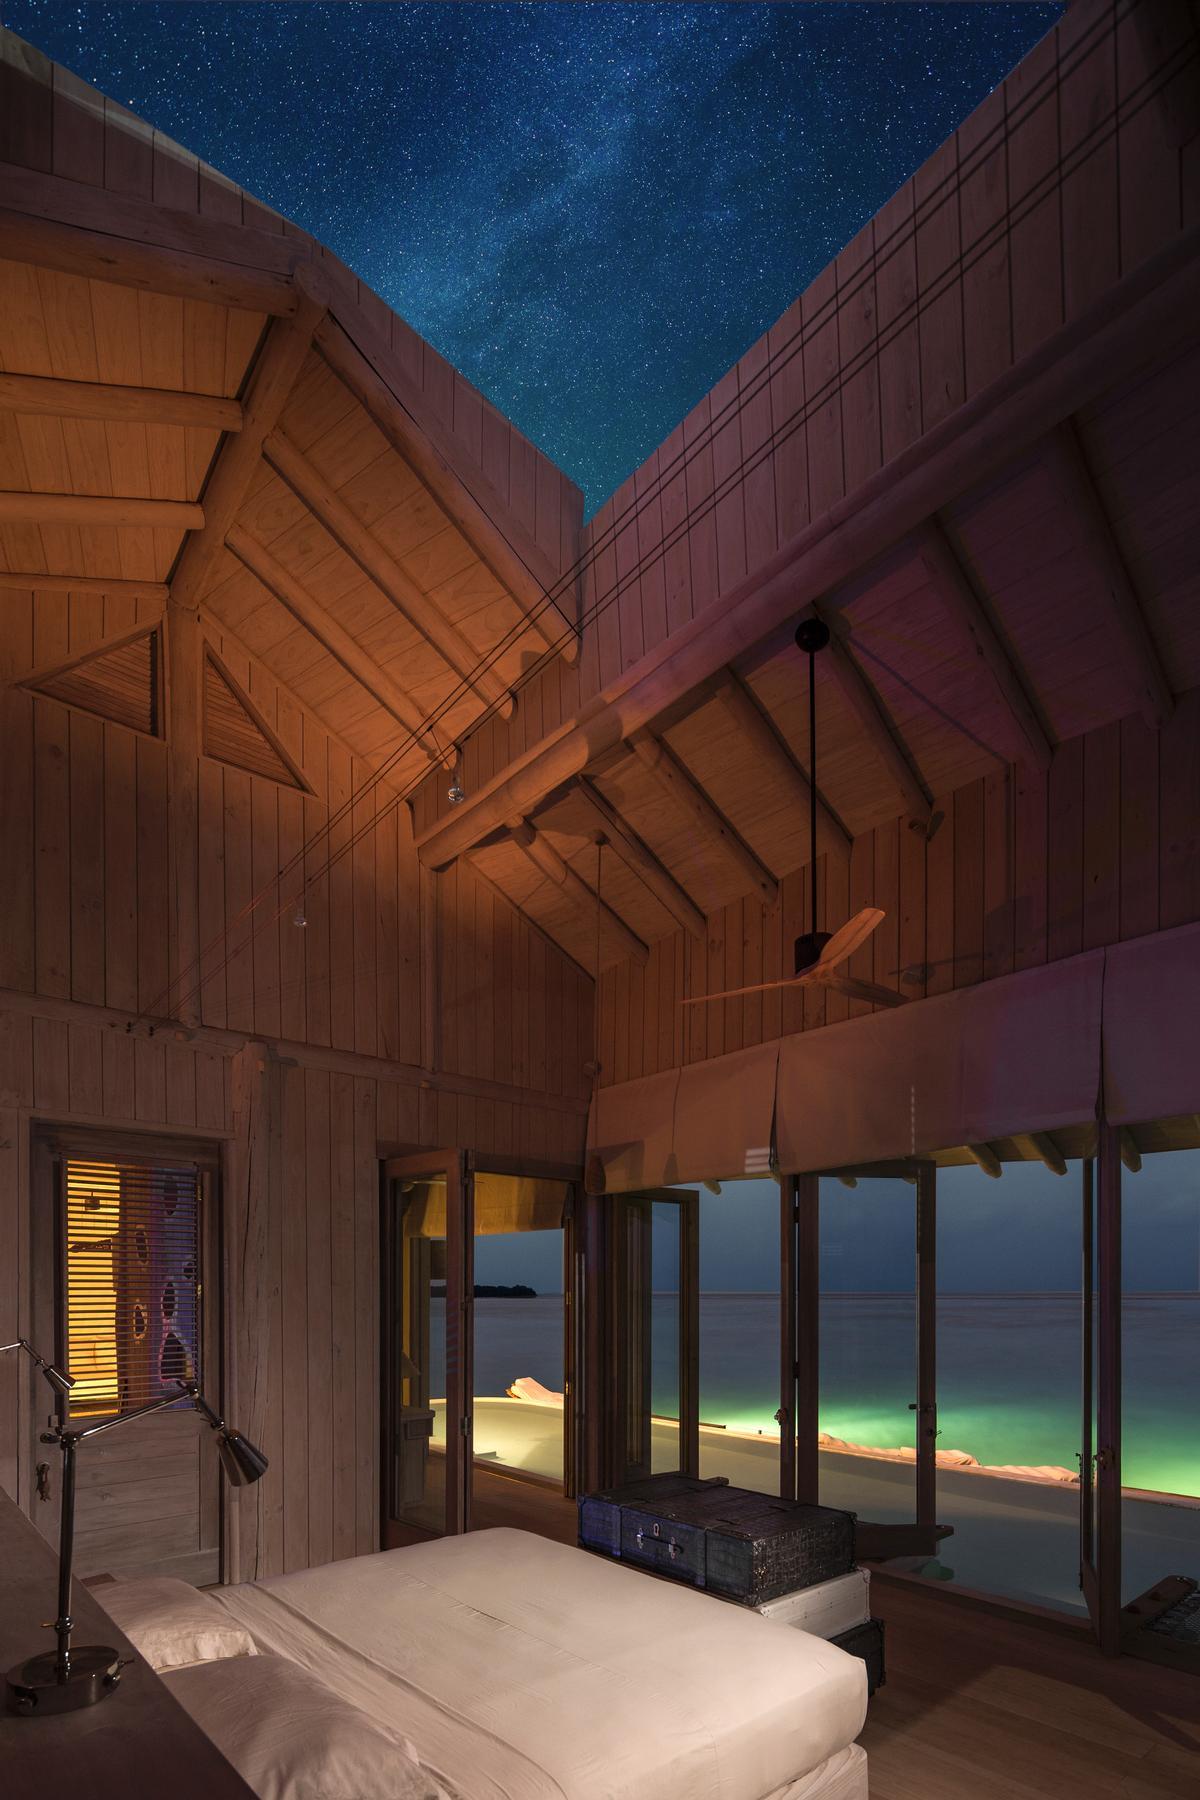 Vile v resortu Soneva Javi imajo pomične strehe.